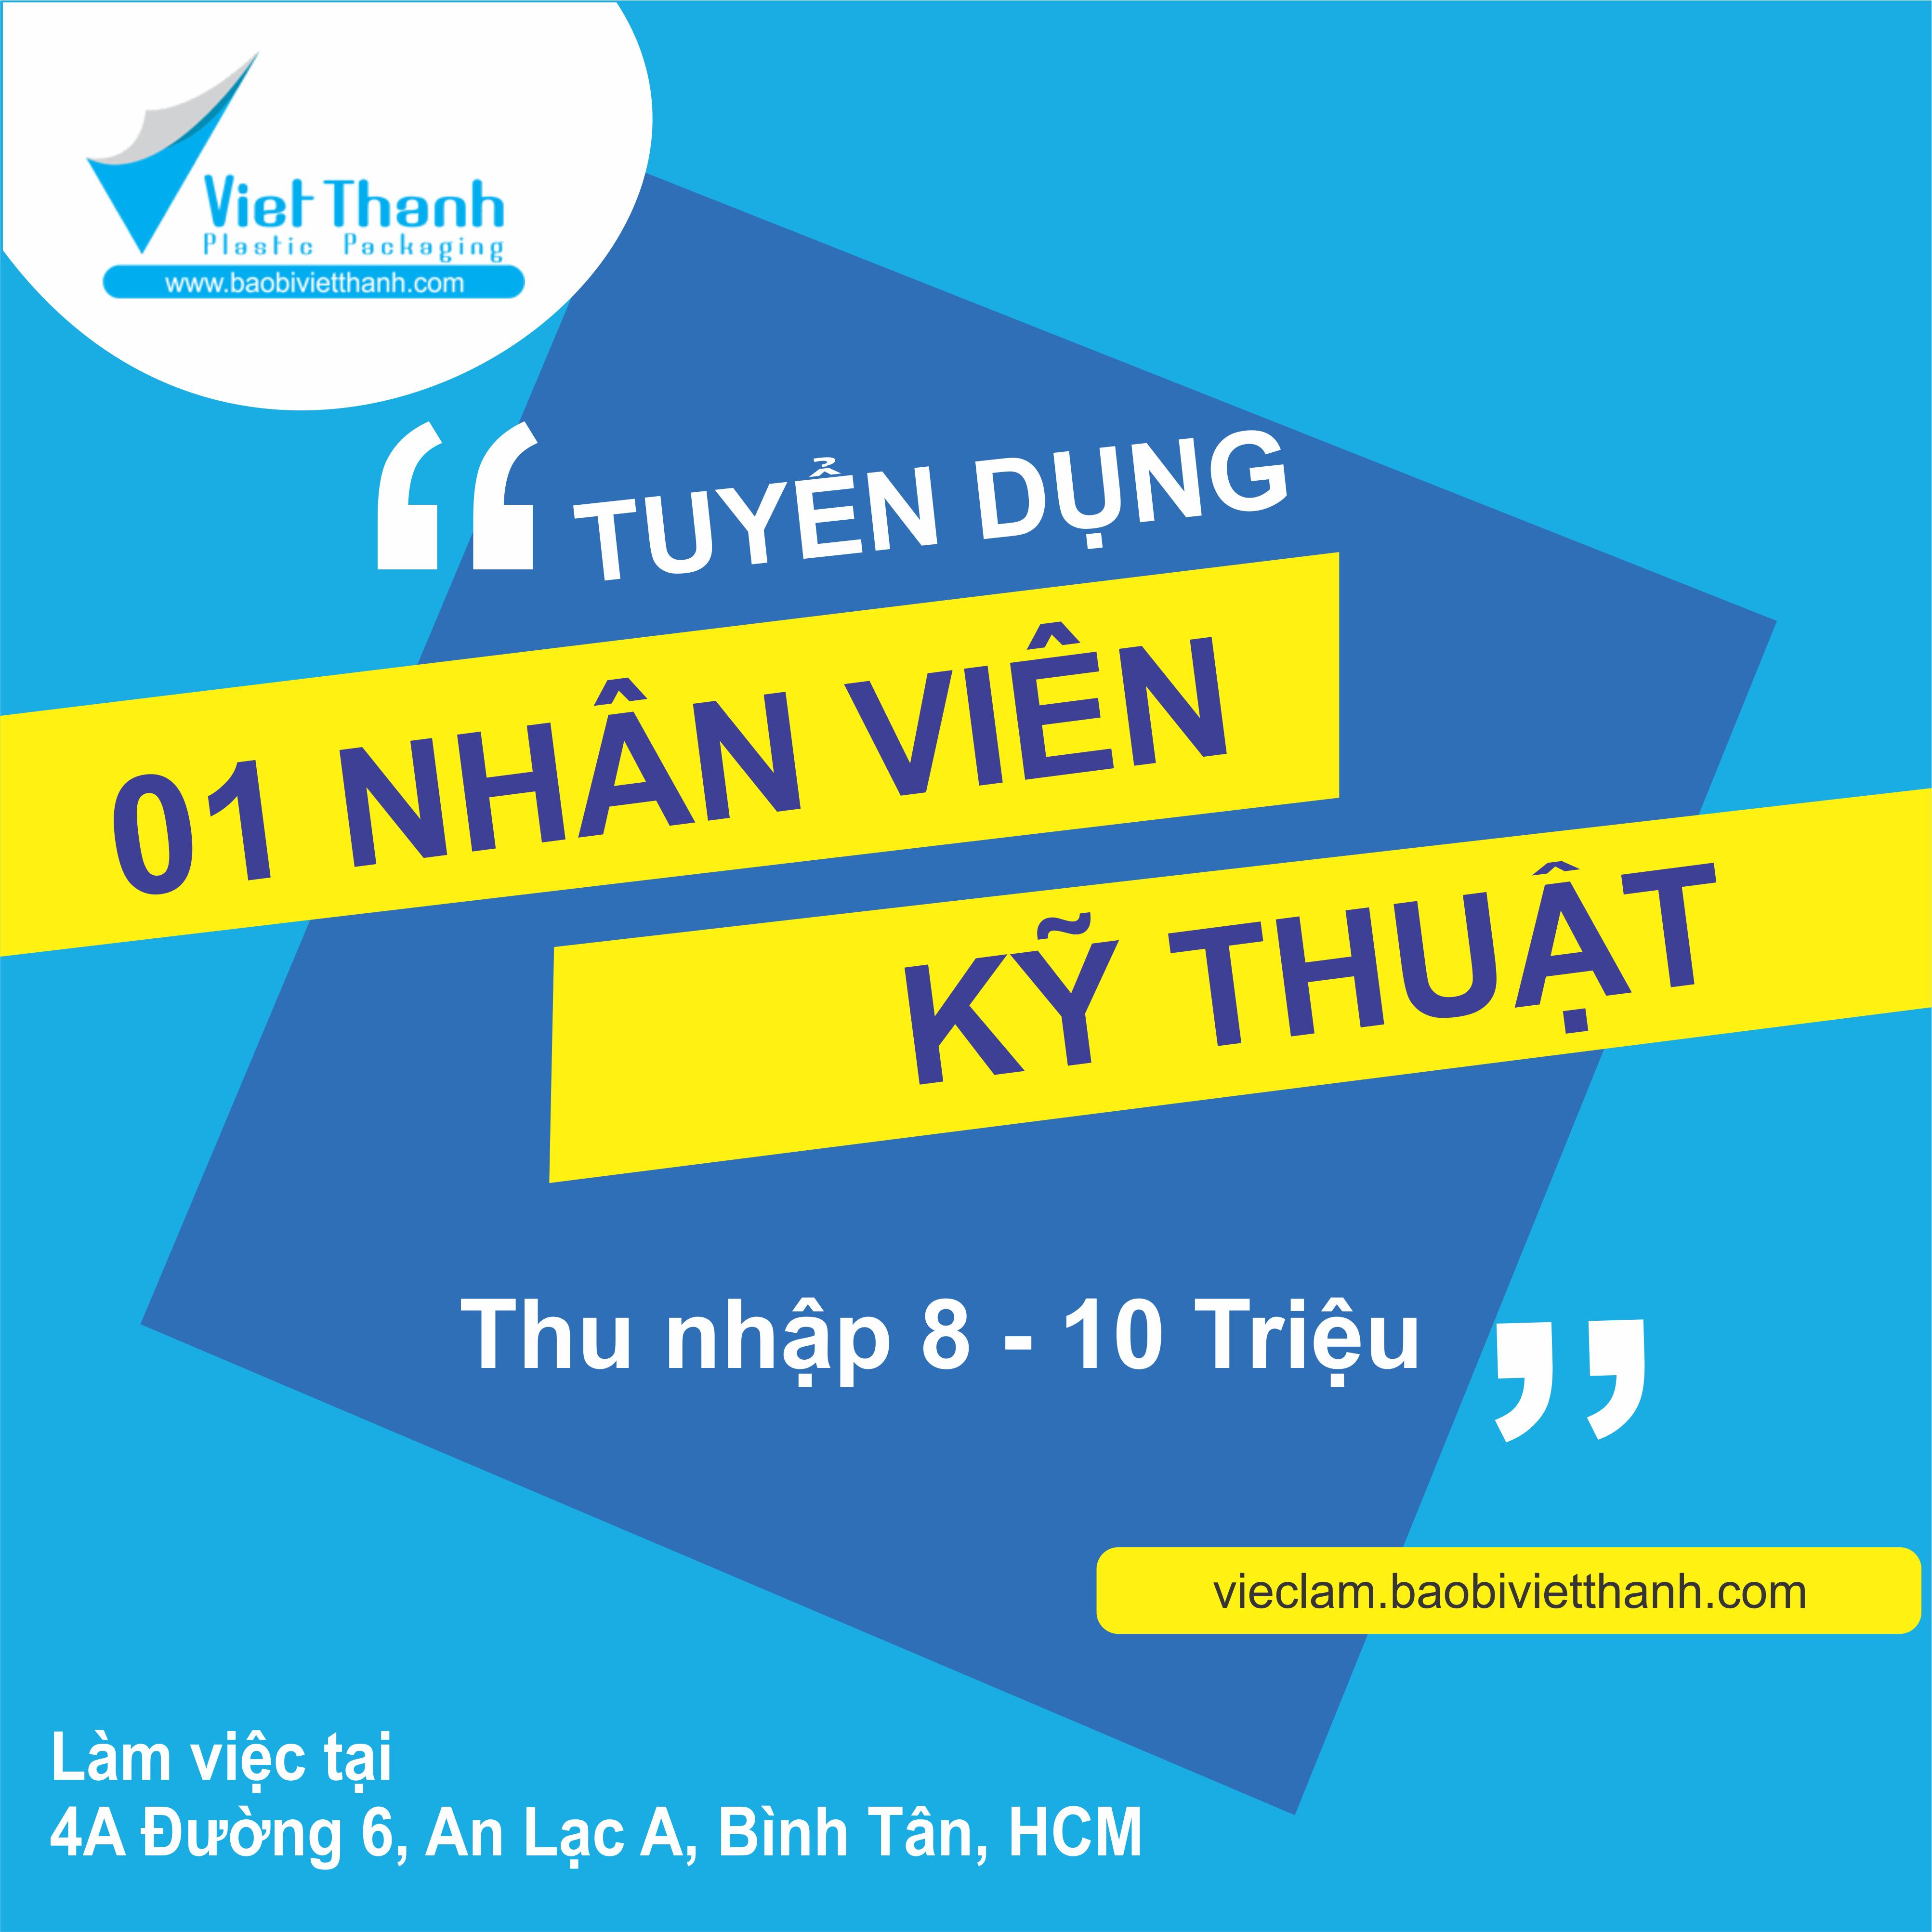 Vietthanh Tuyen Dung Ky Thuat